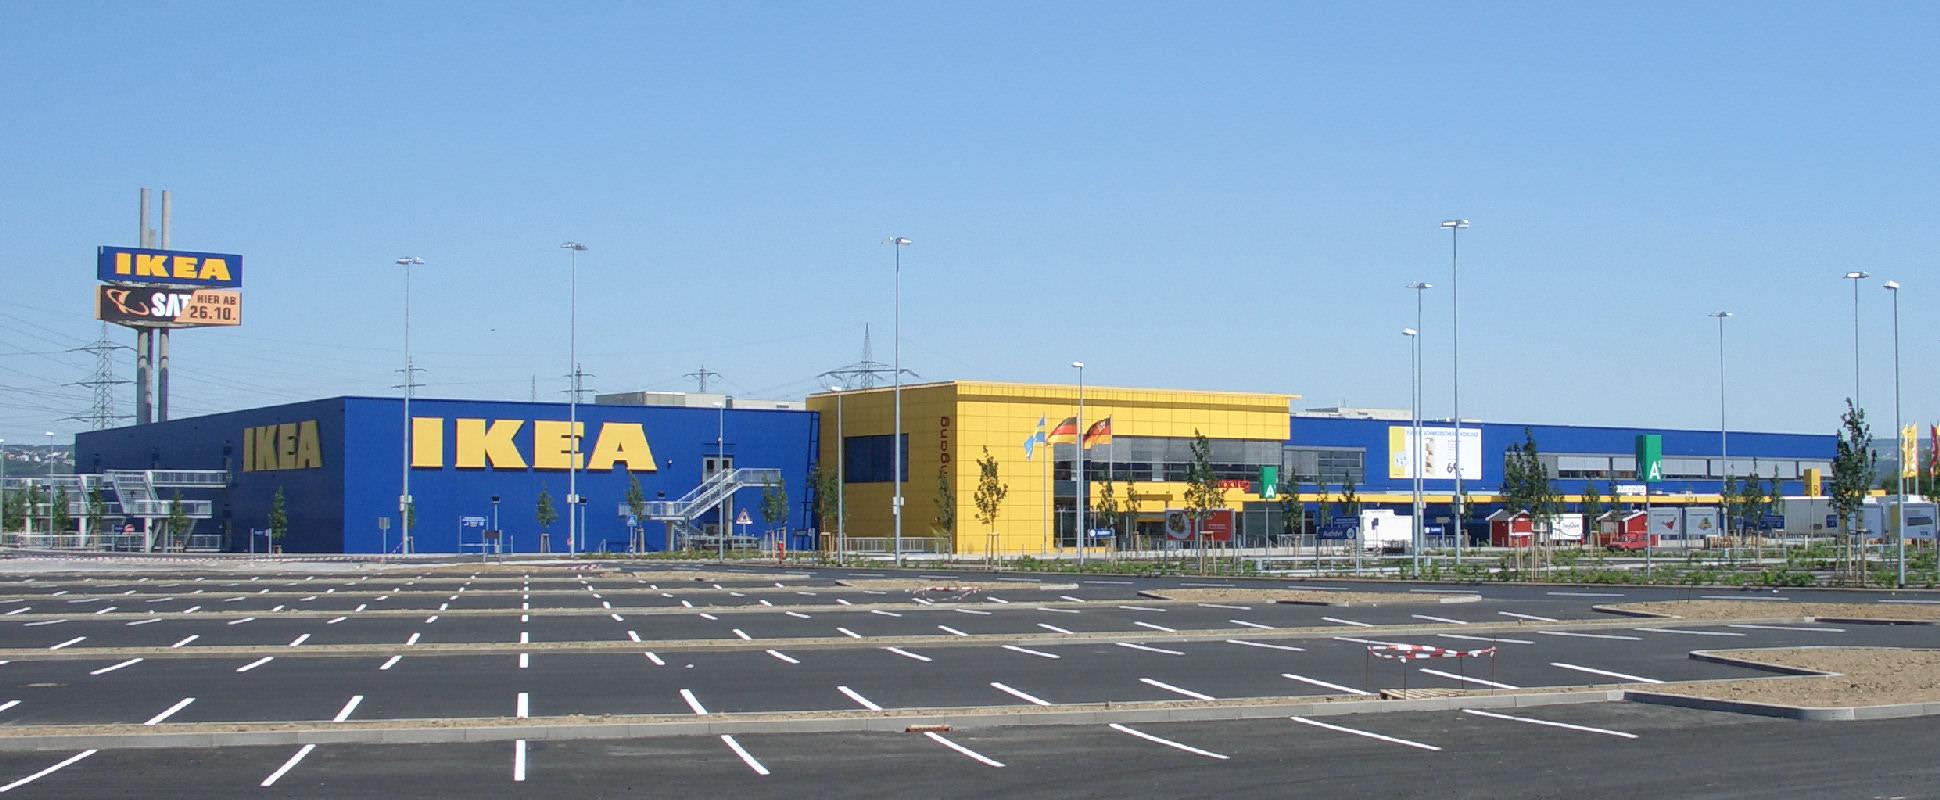 Catania, Ikea evacuato: attimi di paura ma si trattava solo di un guasto elettrico